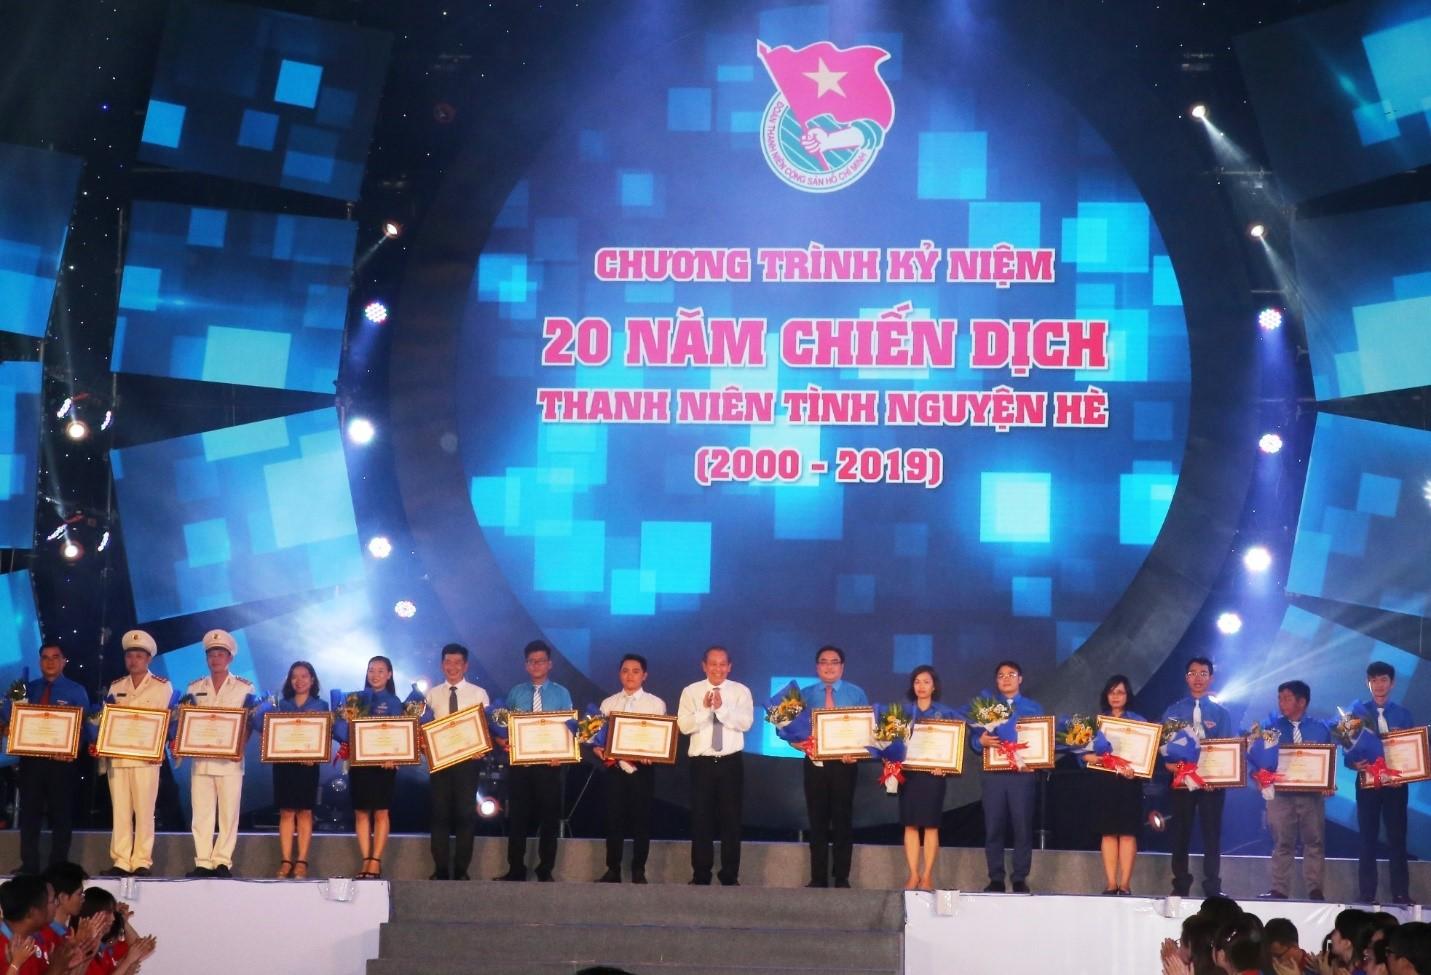 Đoàn Thanh niên - Hội Sinh viên trường Đại học Công nghiệp Hà Nội: Đơn vị xuất sắc dẫn đầu năm học 2018 - 2019